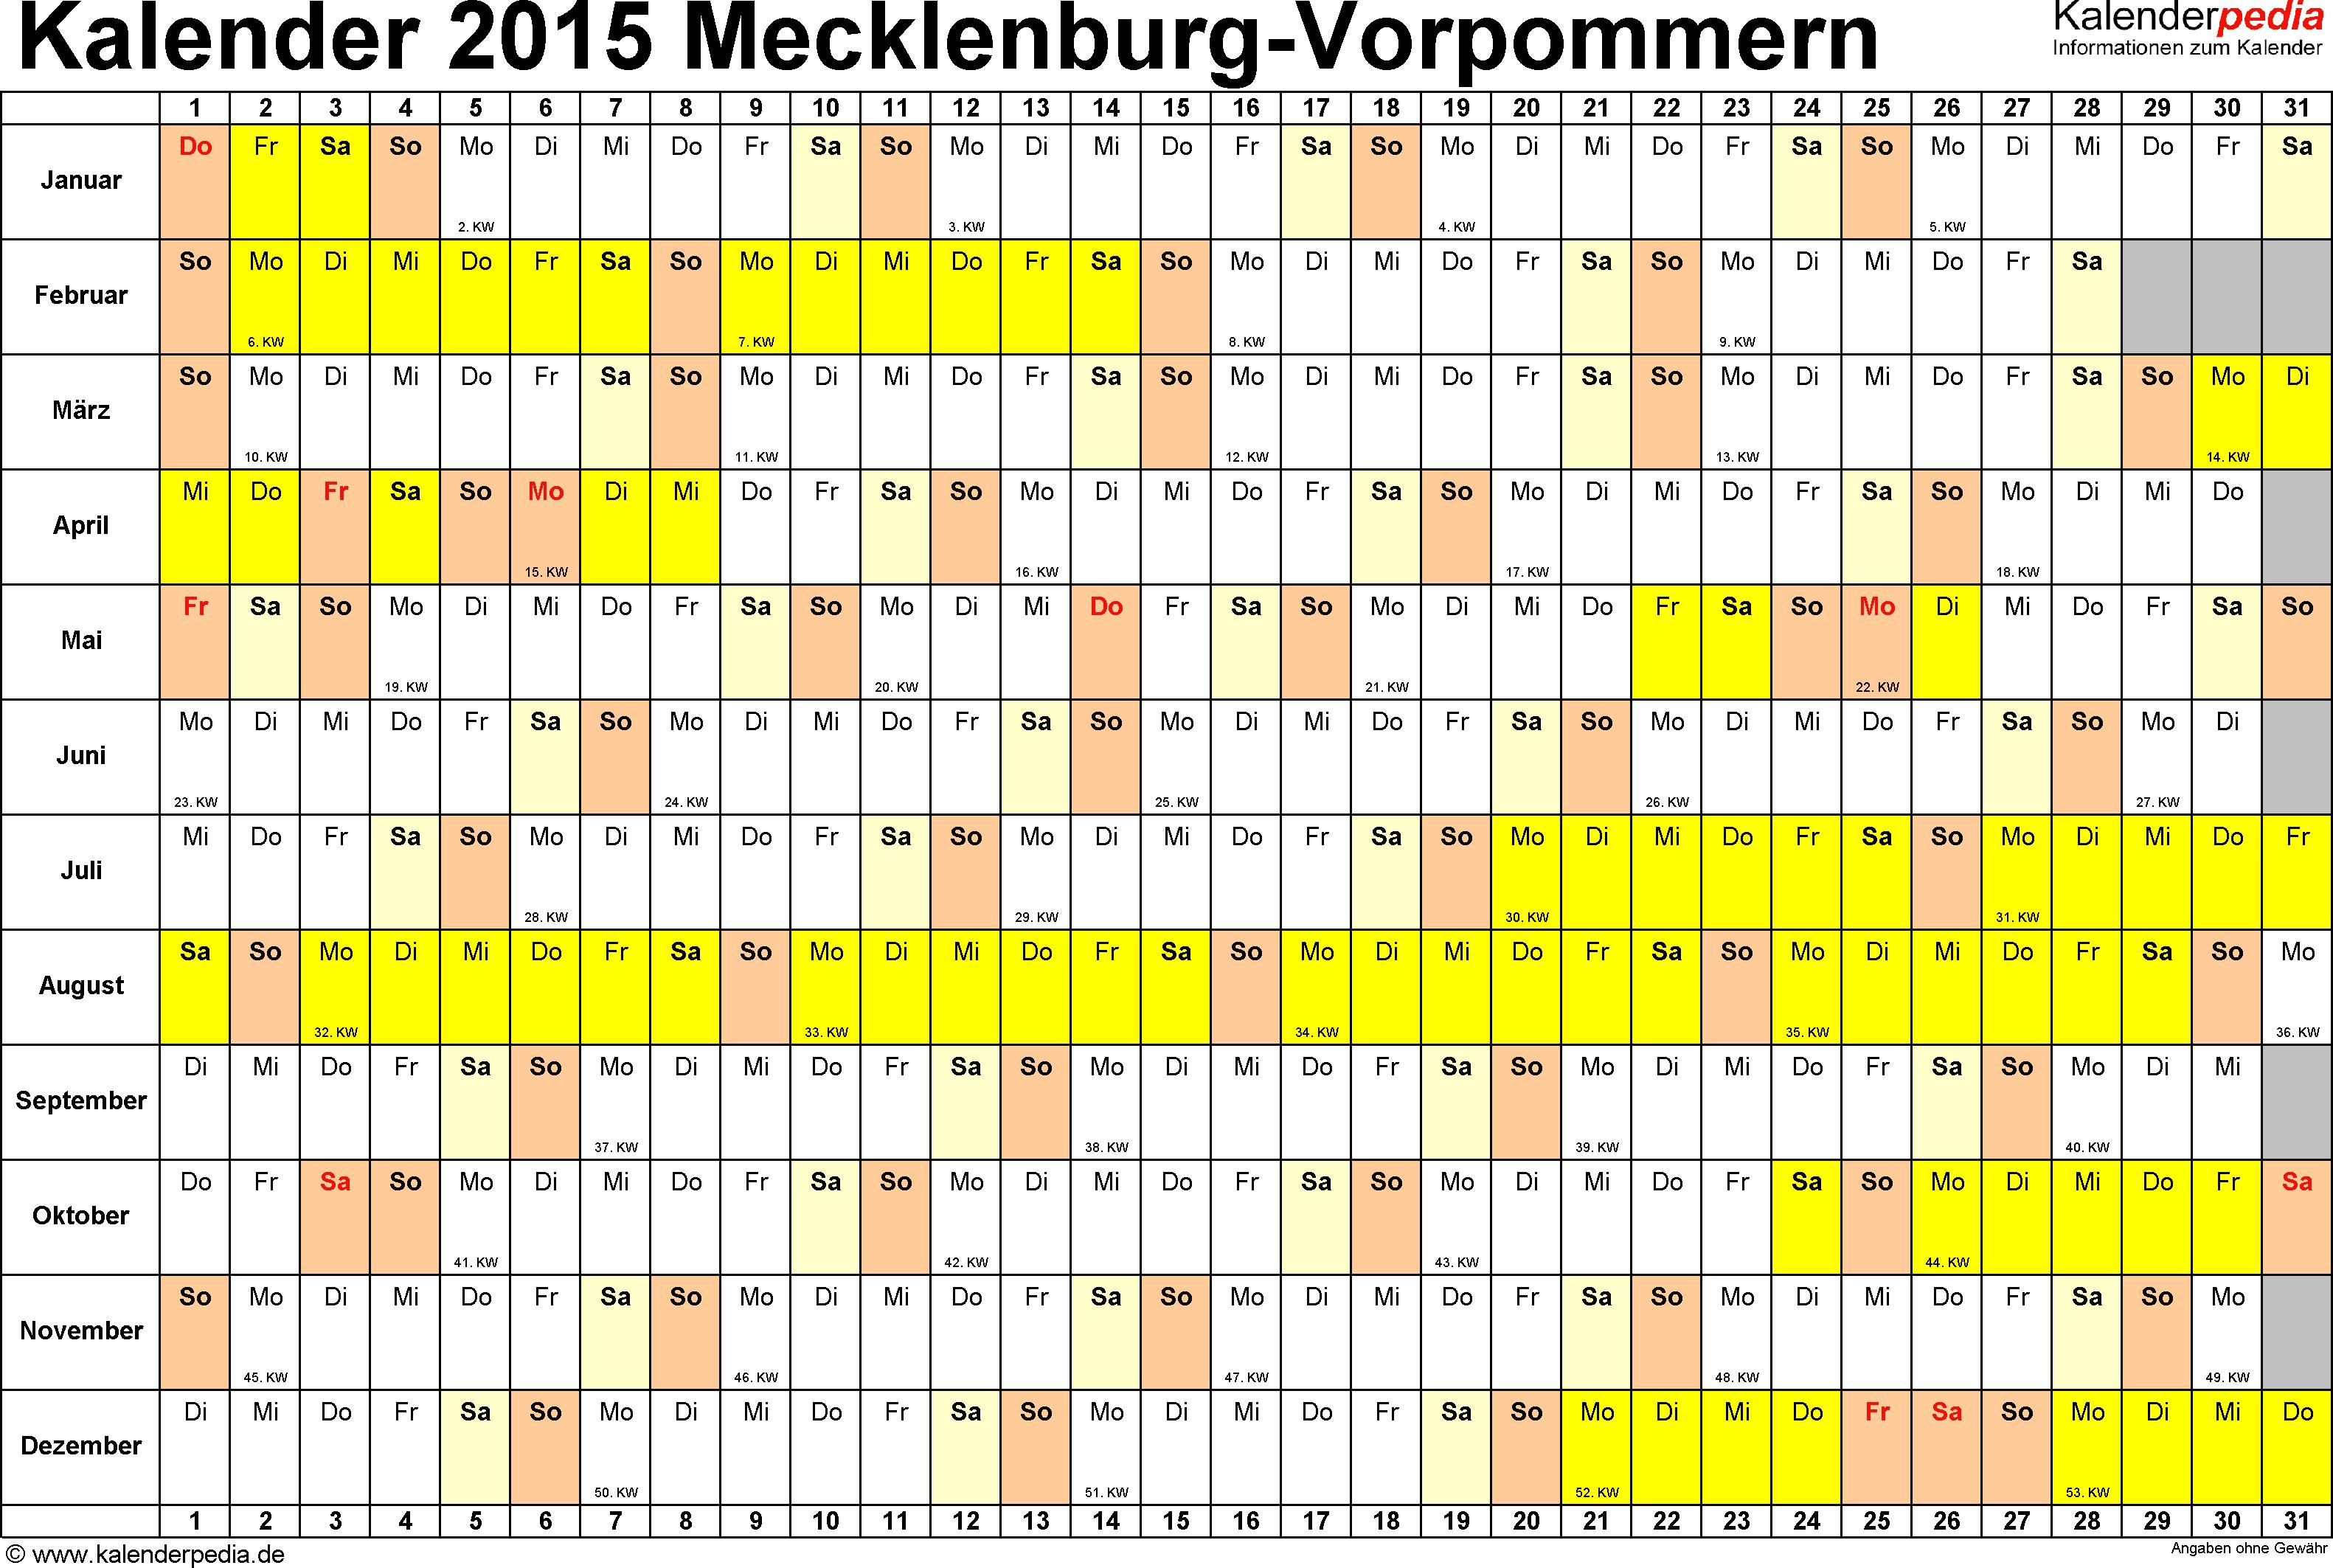 Vorlage 3: Kalender Mecklenburg-Vorpommern 2015 im Querformat, Tage nebeneinander